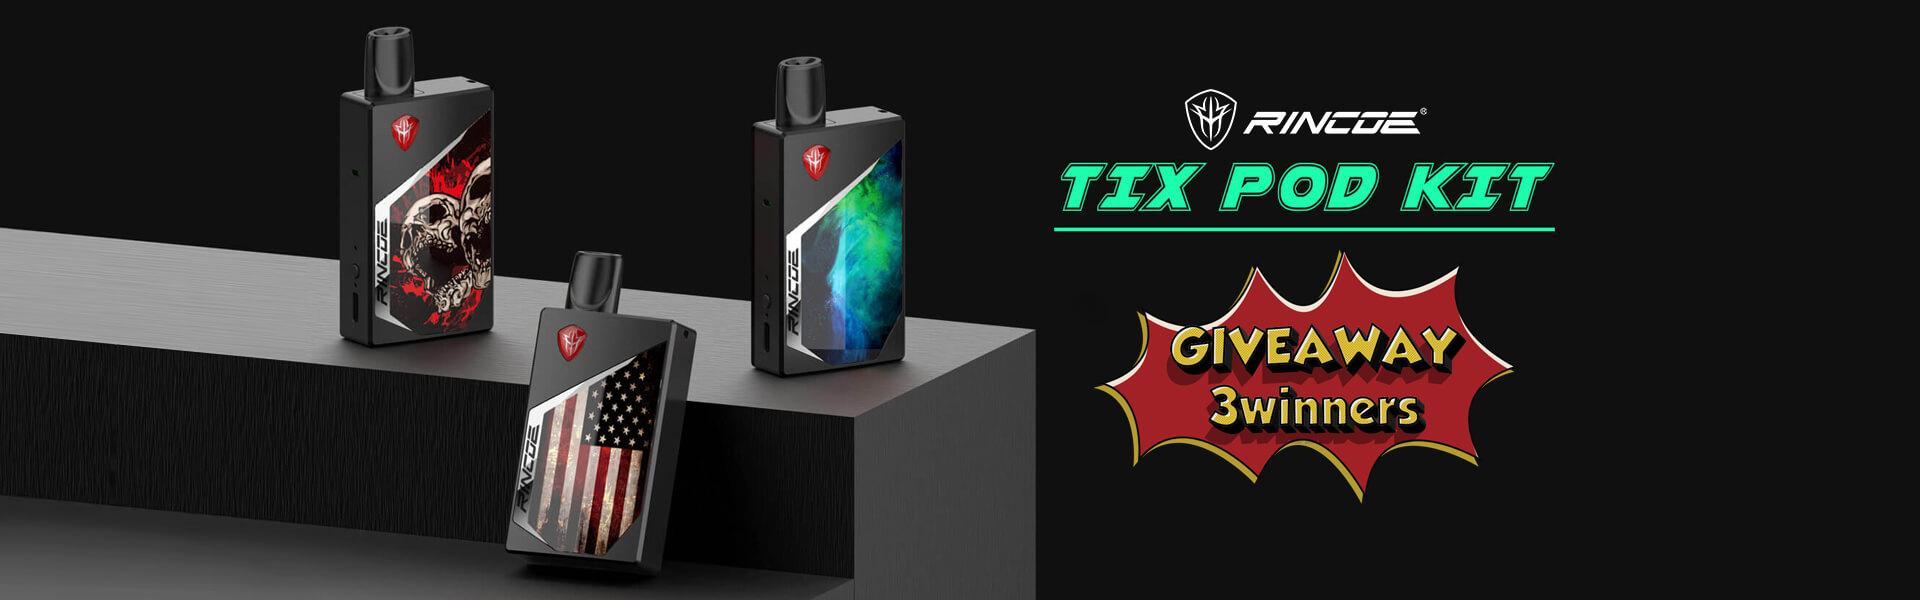 Rincoe-Tix-Pod-Kit